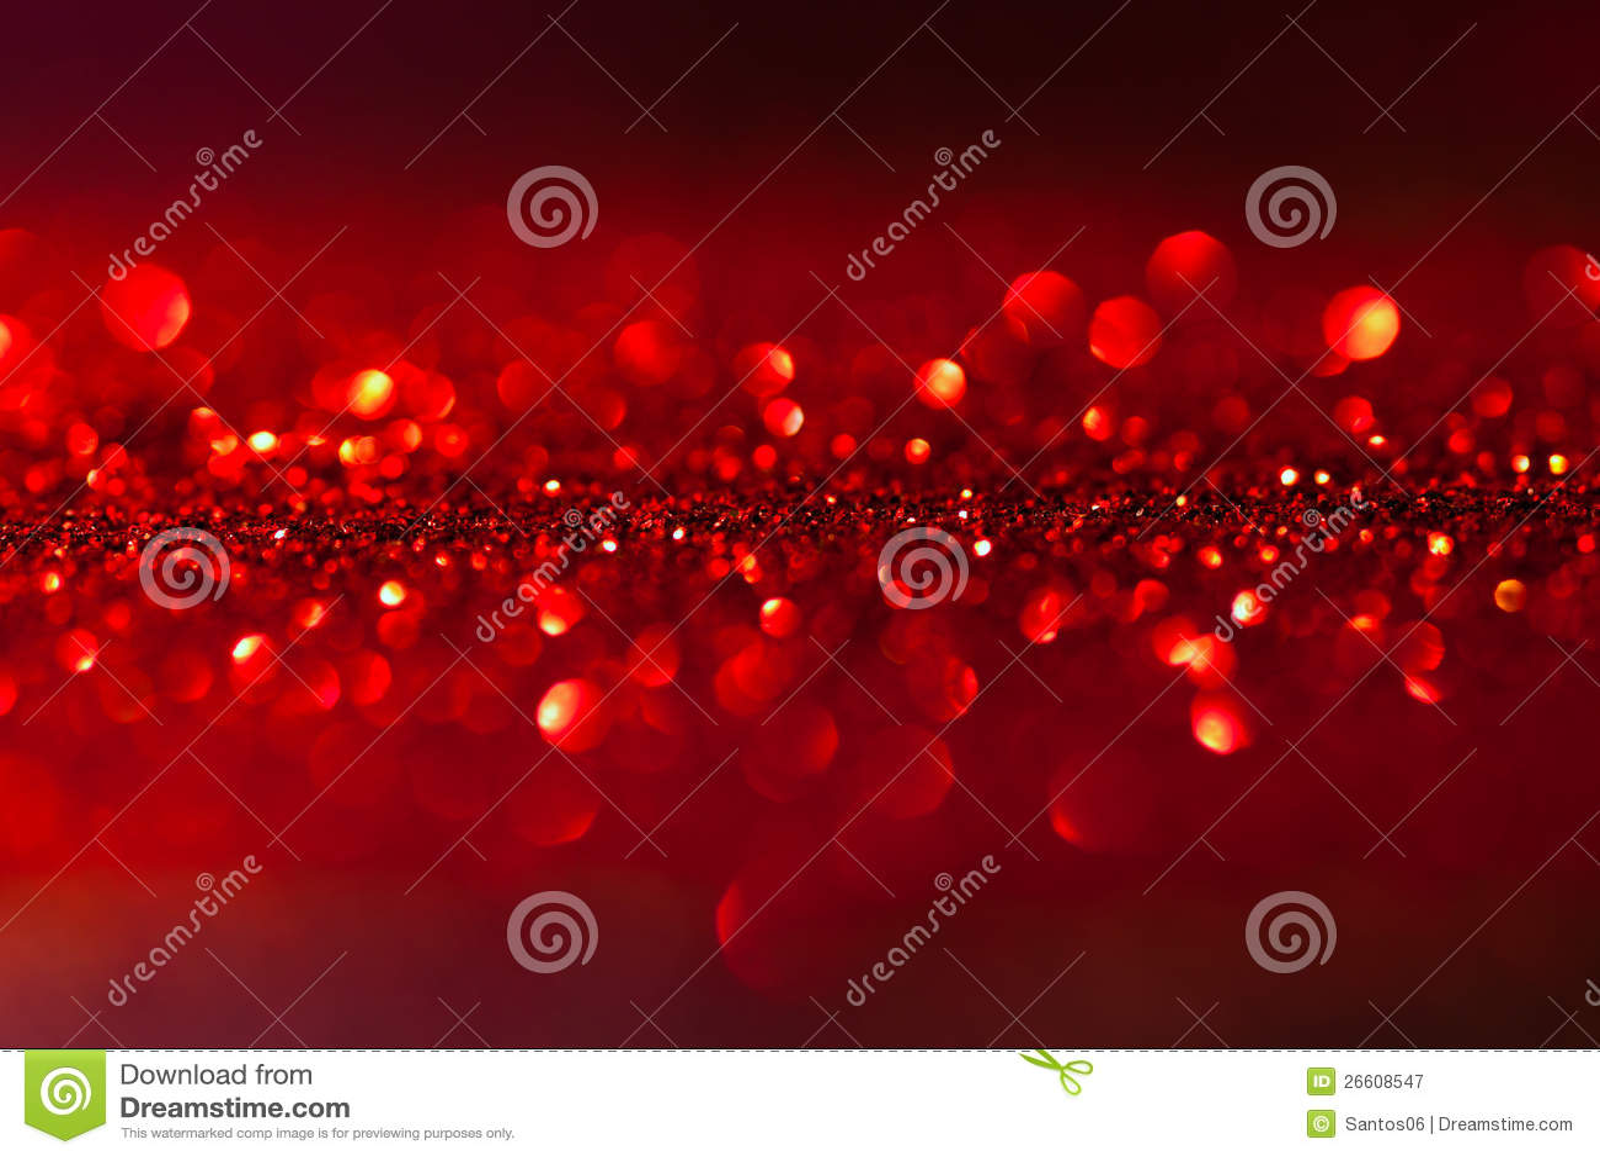 gefunkelter roter hintergrund weihnachten stockbild. Black Bedroom Furniture Sets. Home Design Ideas